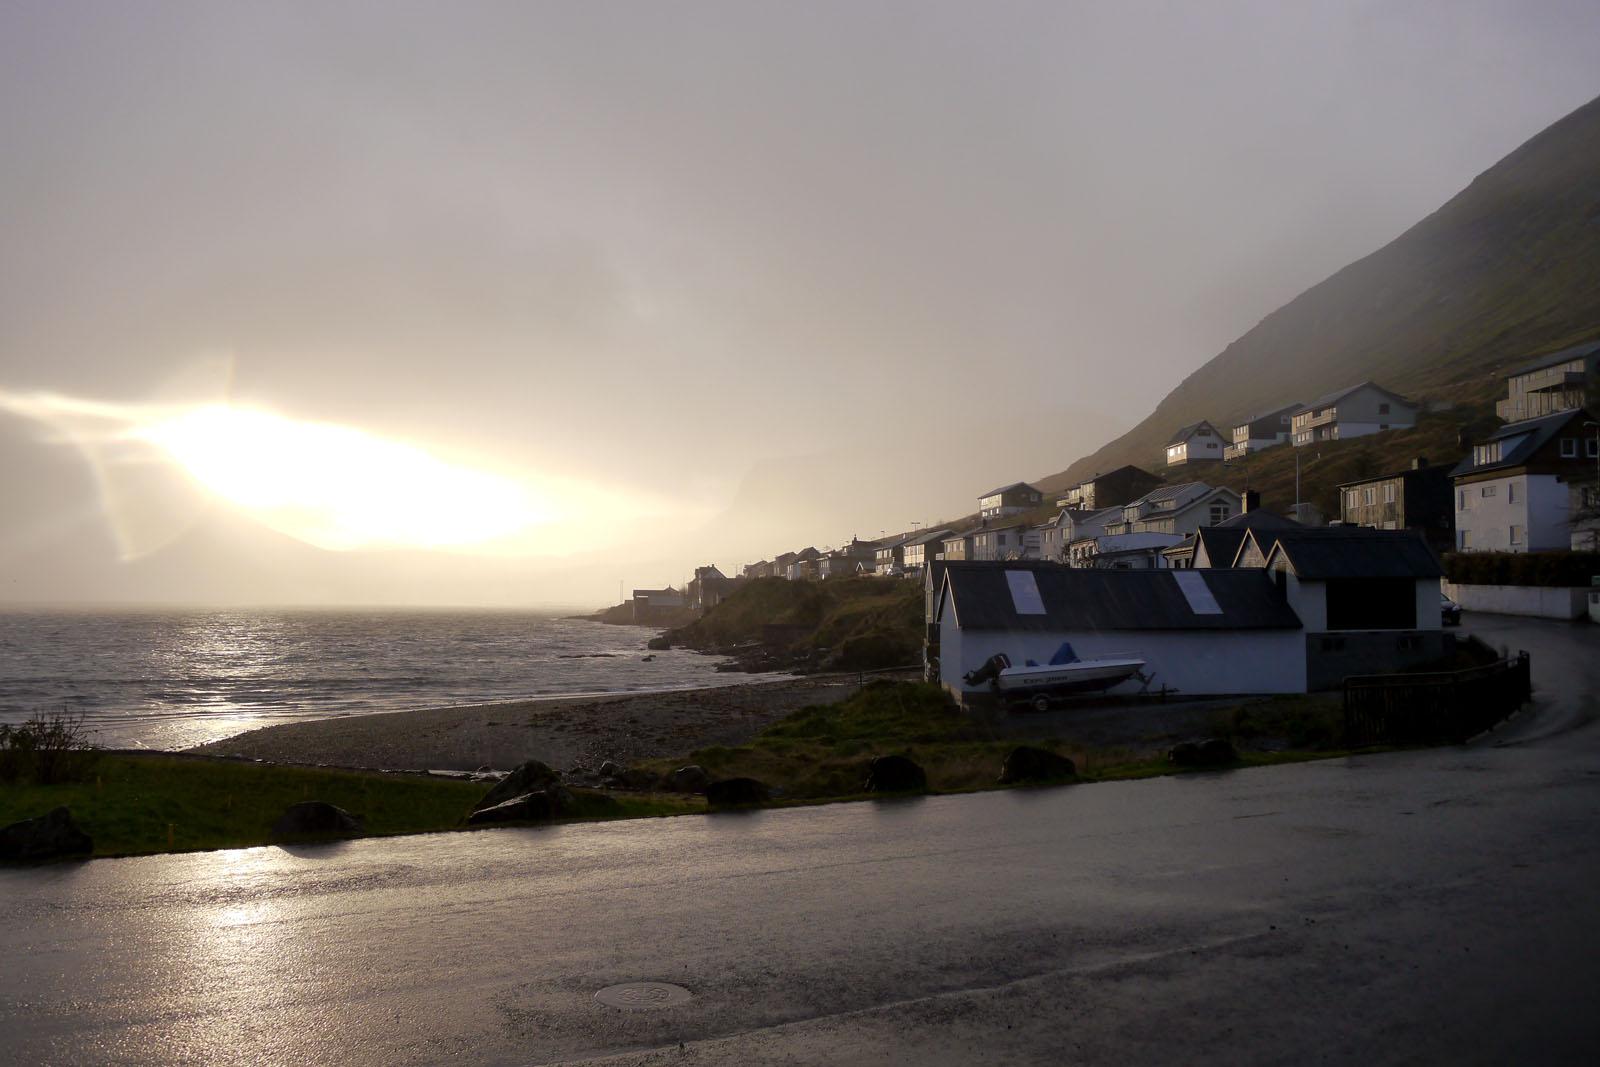 Eysturoy-Faroer Inseln-Fuglafjordur-berge-sonnenaufgang-regen-sonne-fjord